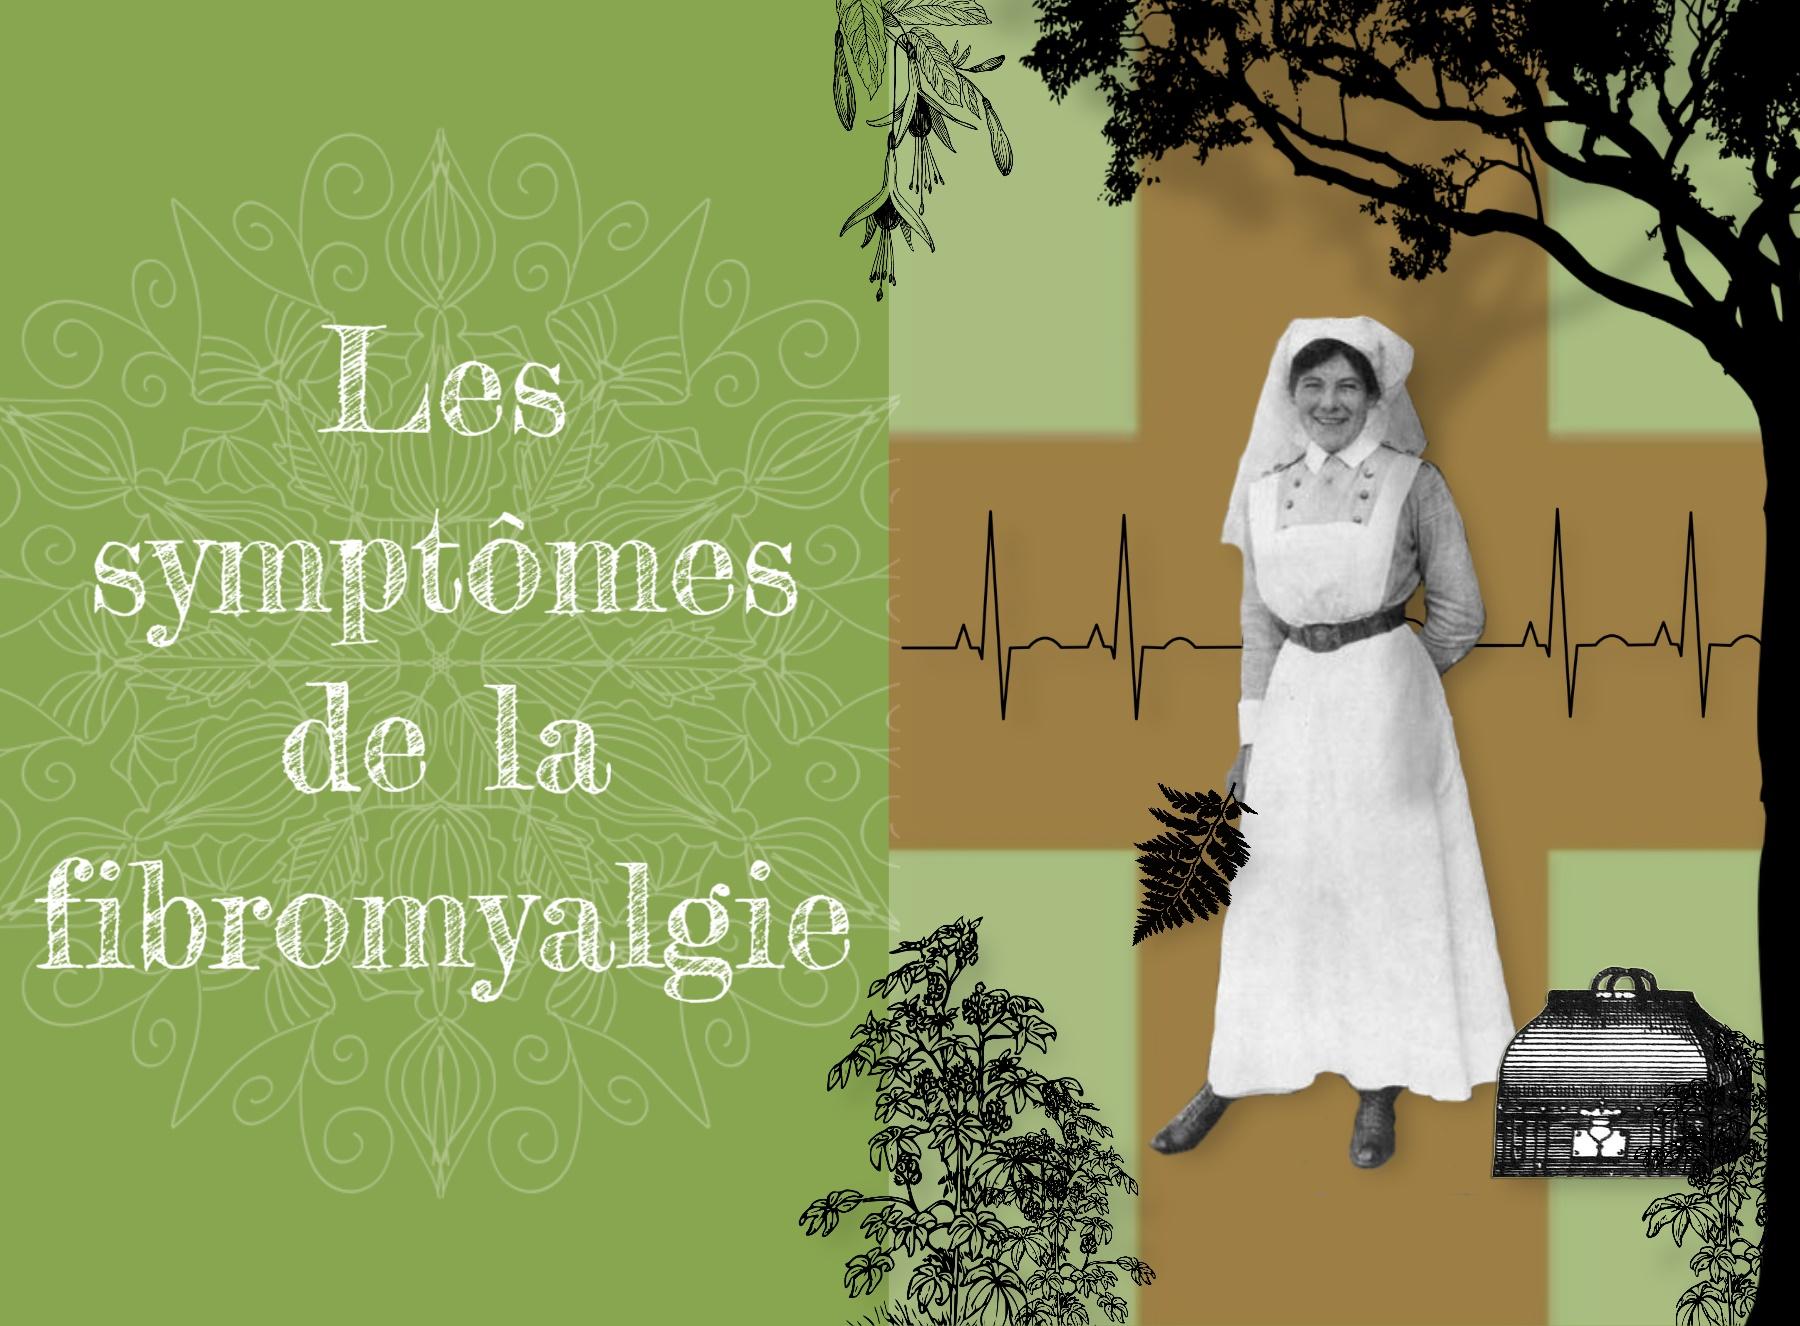 Photographie 1900 d'une infirmiere devant un fond avec une croix rouge et entourée d'llistration de leurs, d'un arbre une sacoche